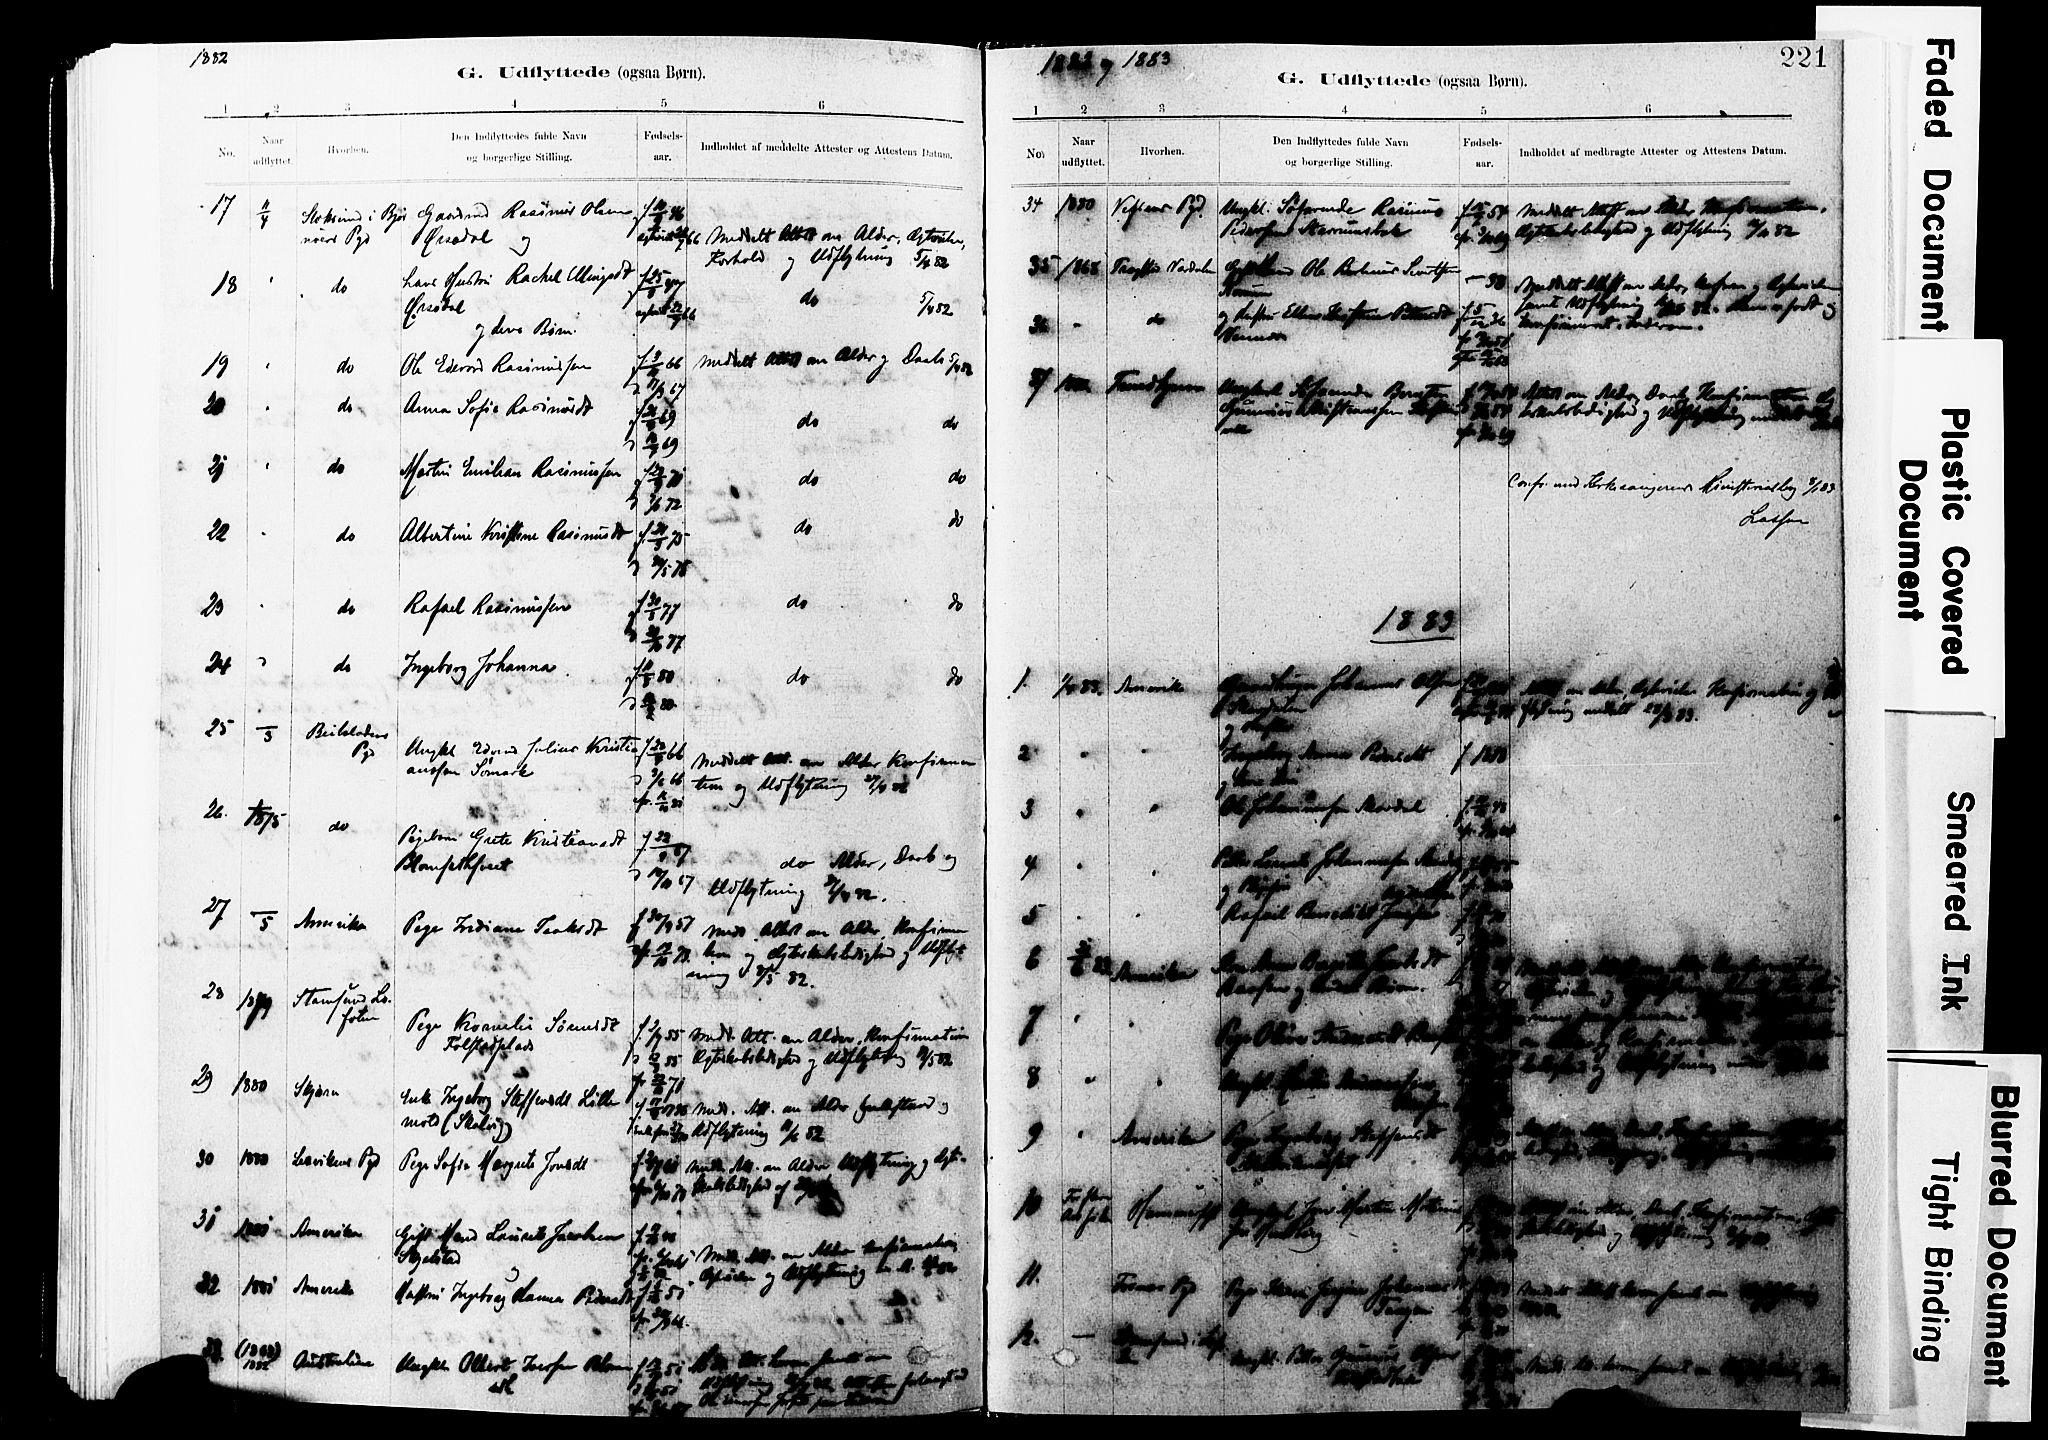 SAT, Ministerialprotokoller, klokkerbøker og fødselsregistre - Nord-Trøndelag, 744/L0420: Ministerialbok nr. 744A04, 1882-1904, s. 221